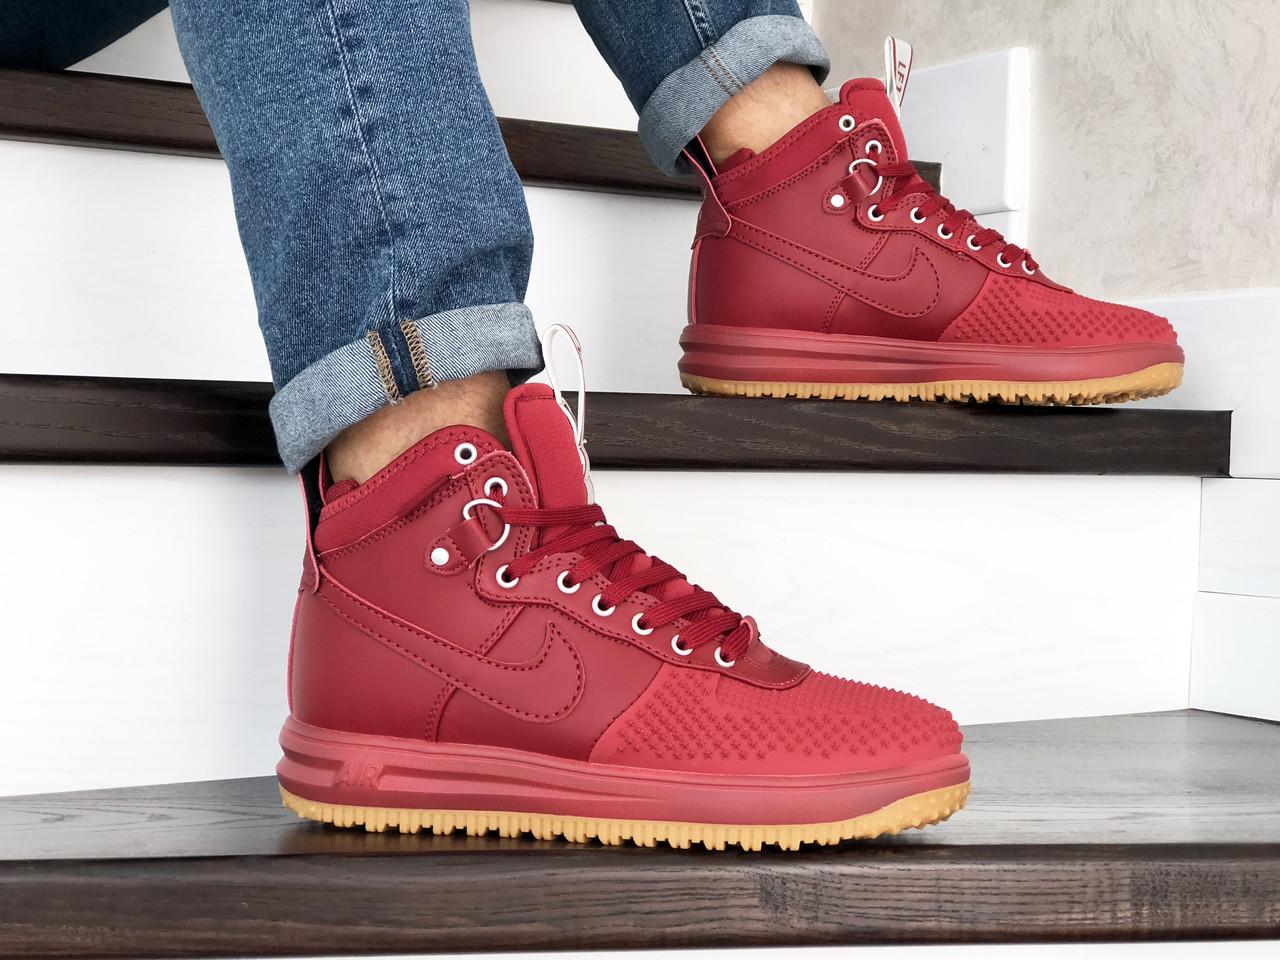 Високі чоловічі кросівки Nike Lunar Force 1 Duckboot червоні / чоловічі кросівки Найк (Топ репліка ААА+)